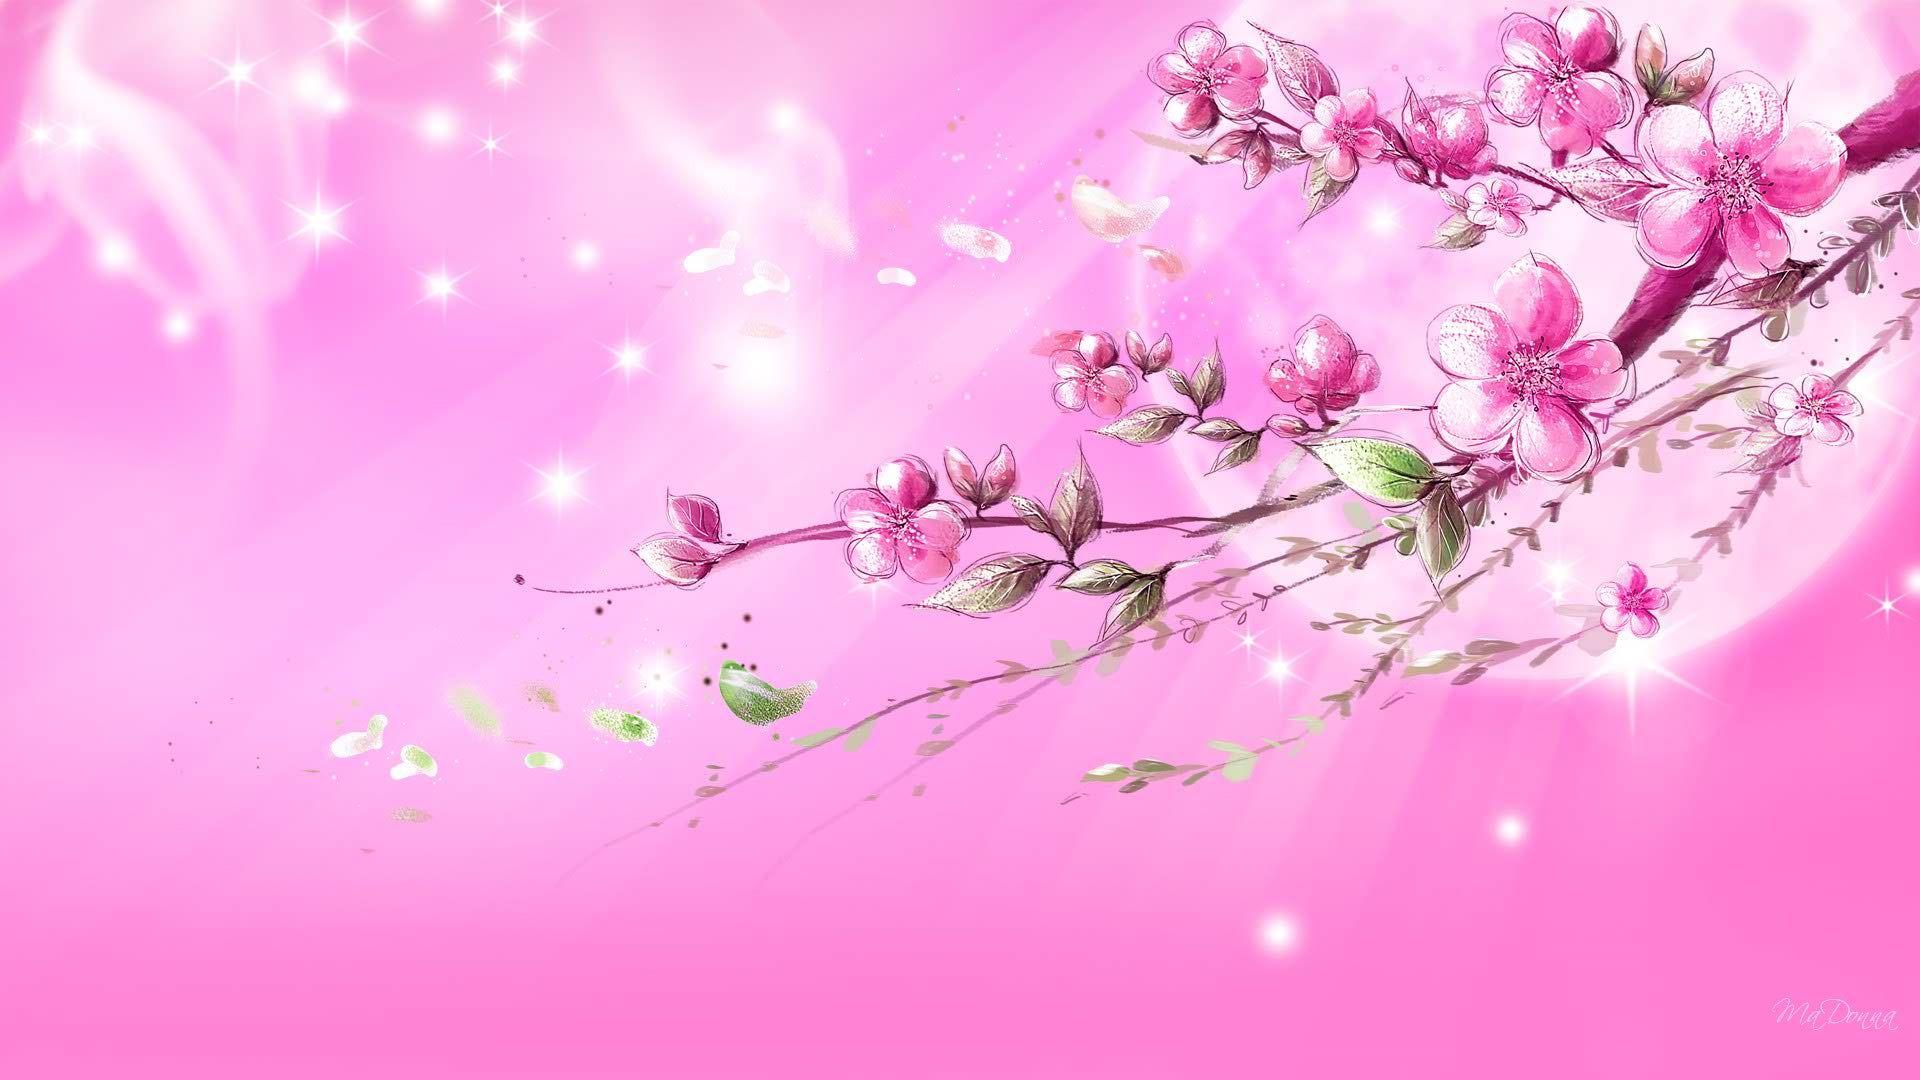 Free Cool Pink Image Download Pink Wallpaper Backgrounds Pink Wallpaper Background Hd Wallpaper